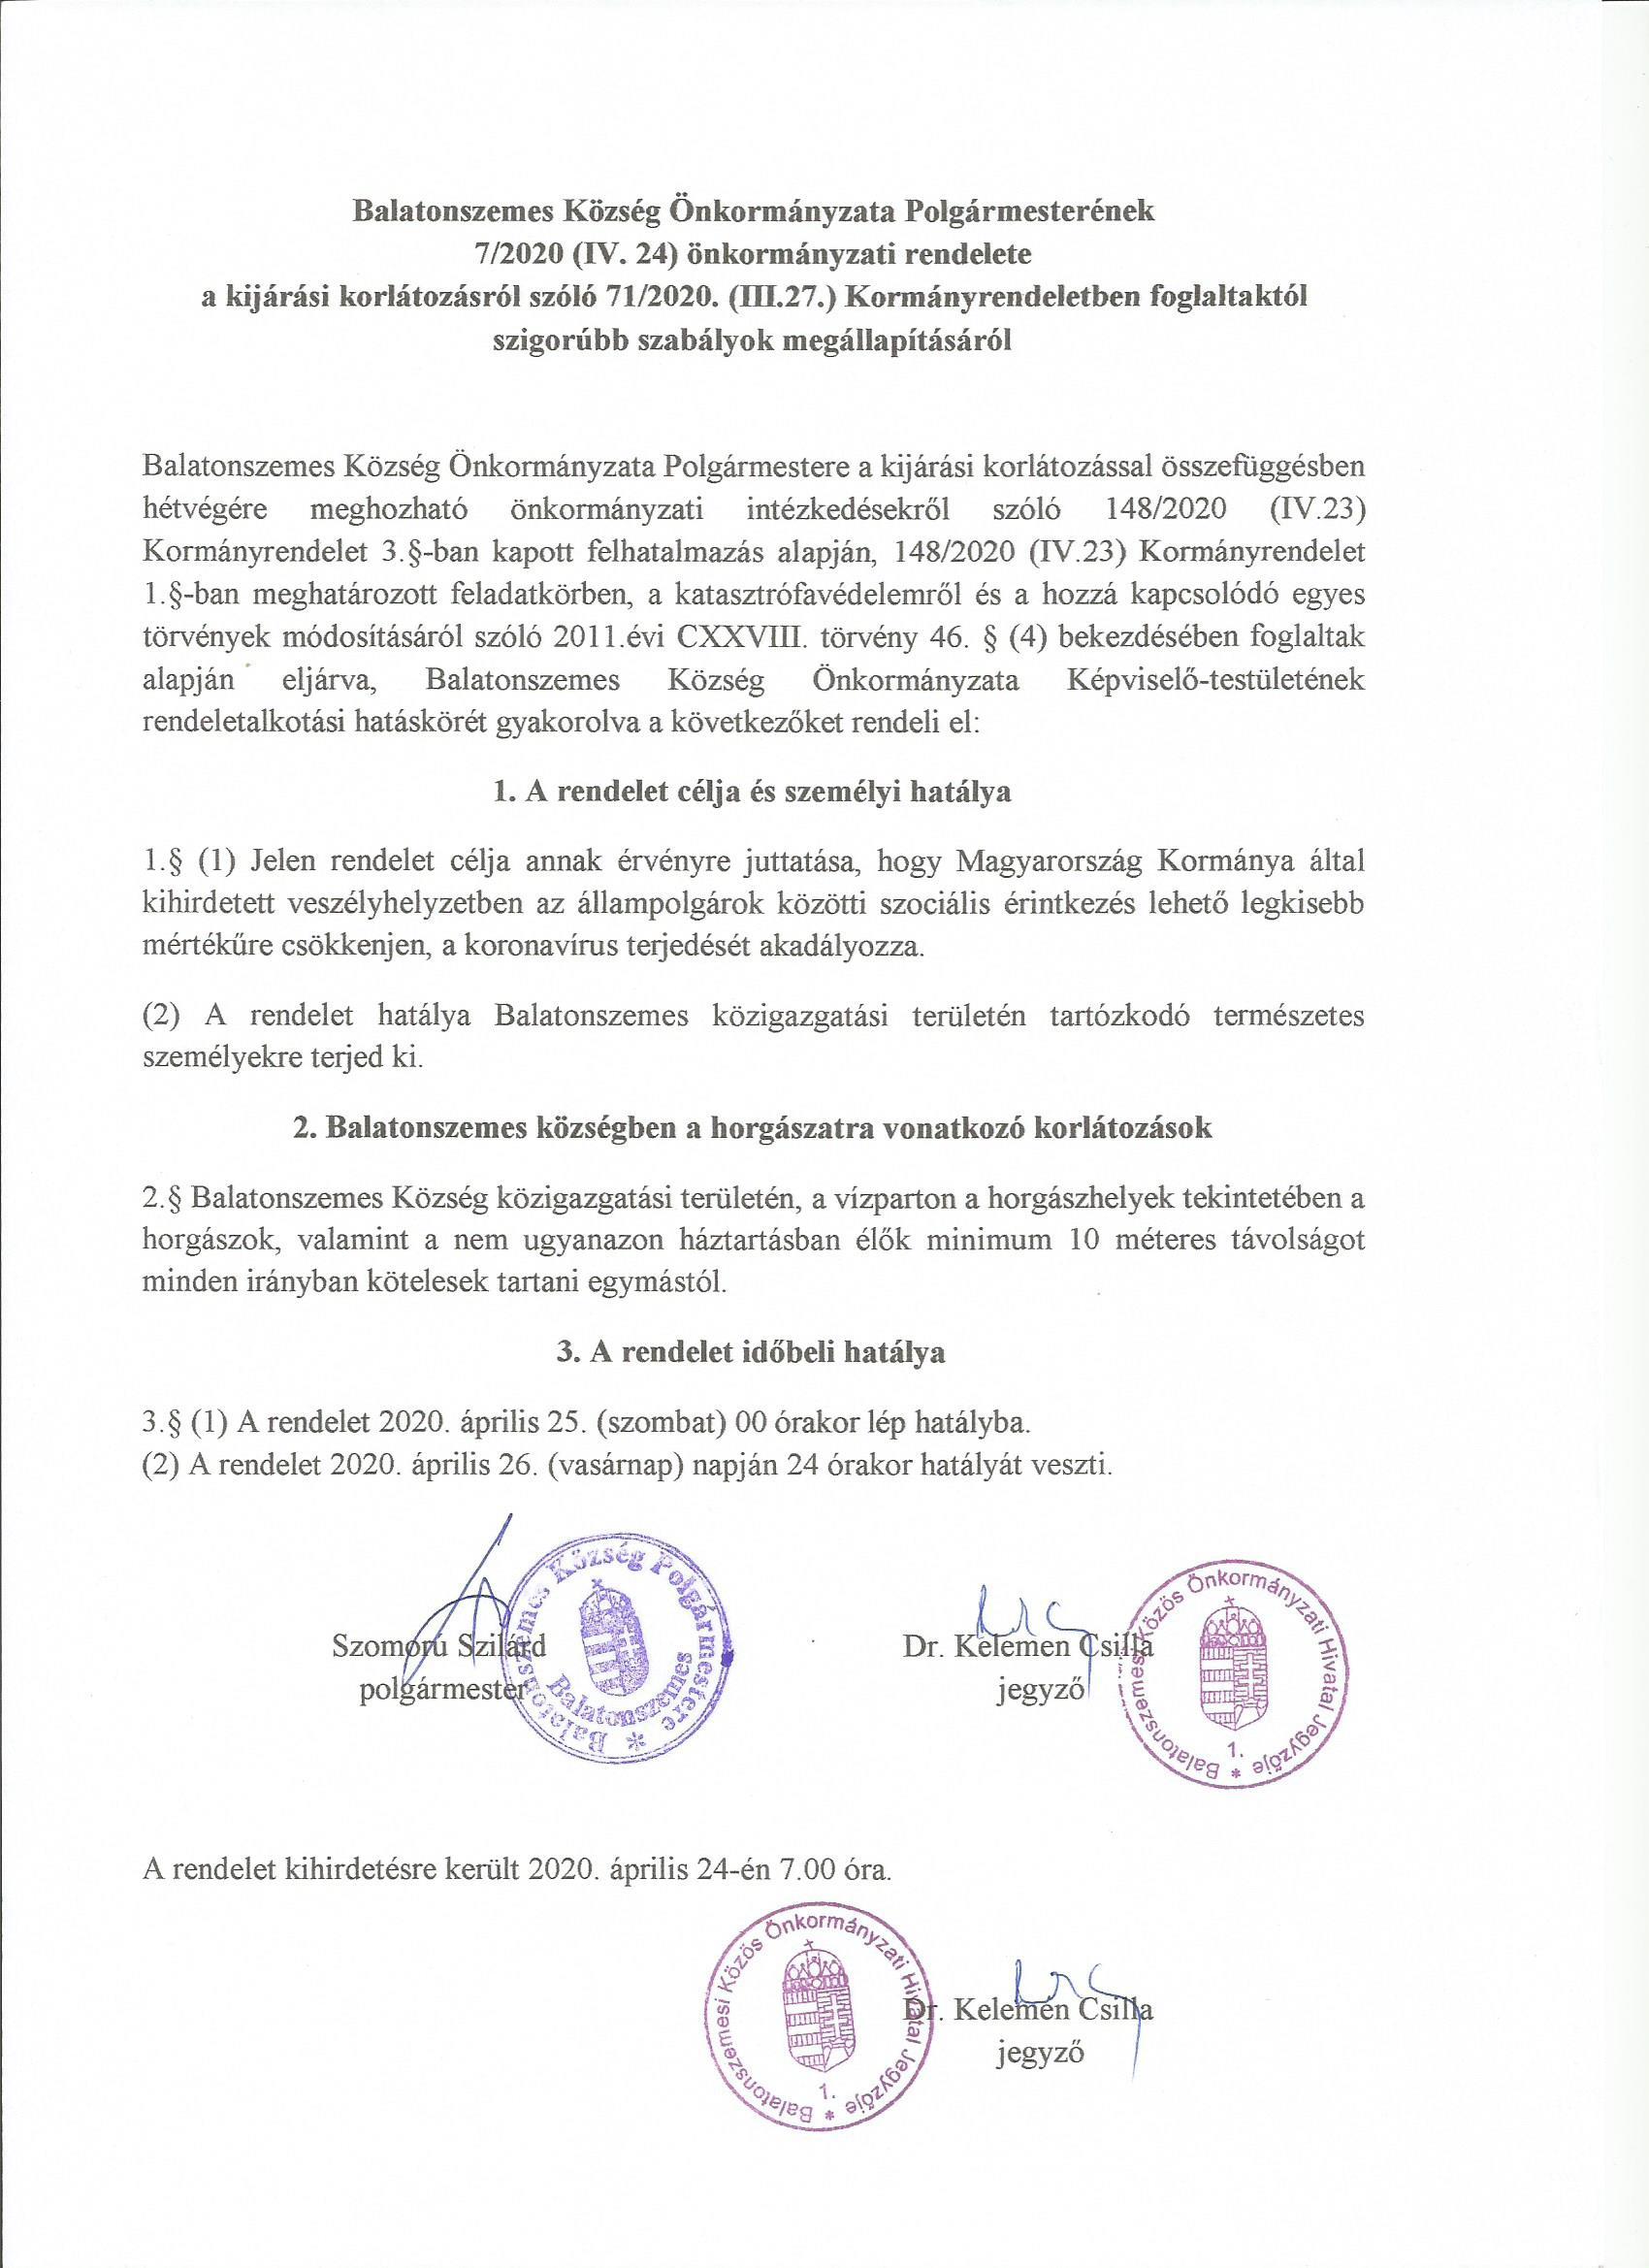 7 2020PMrendelet Tájékoztatás Balatonszemes községben a horgászatra vonatkozó korlátozásról